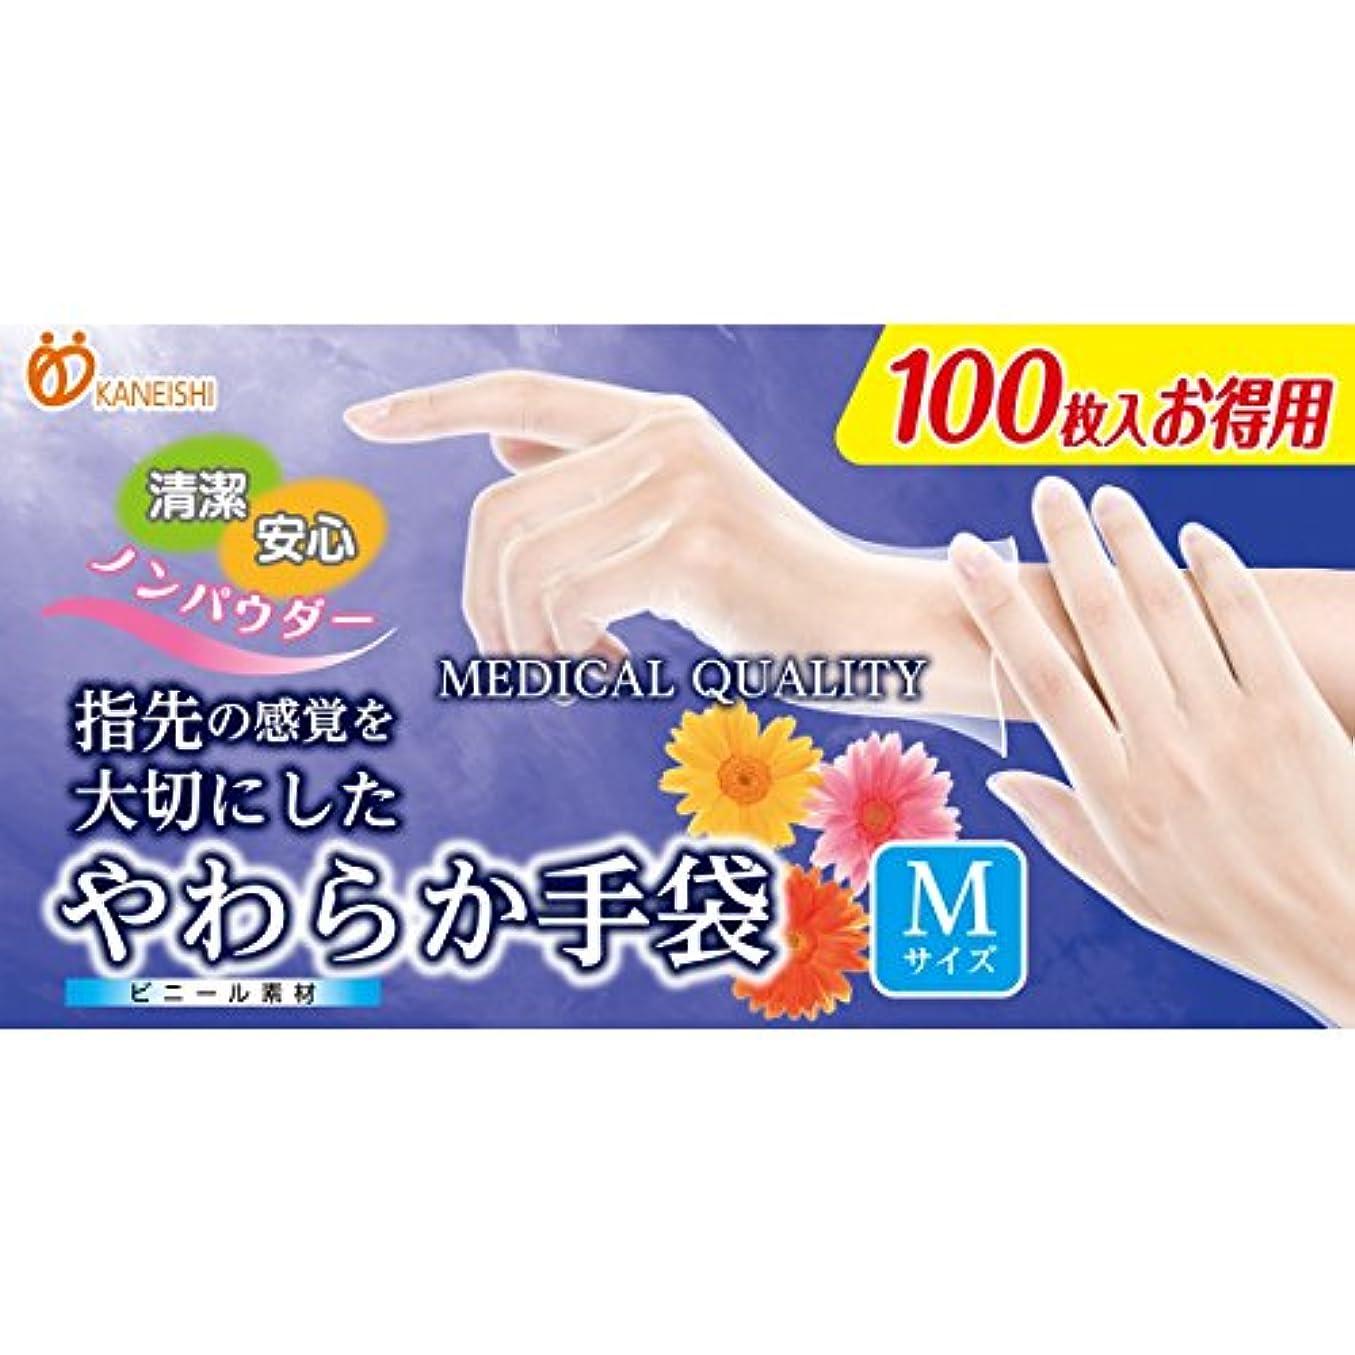 ウイルスセメント置くためにパックやわらか手袋 ビニール素材 Mサイズ 100枚入